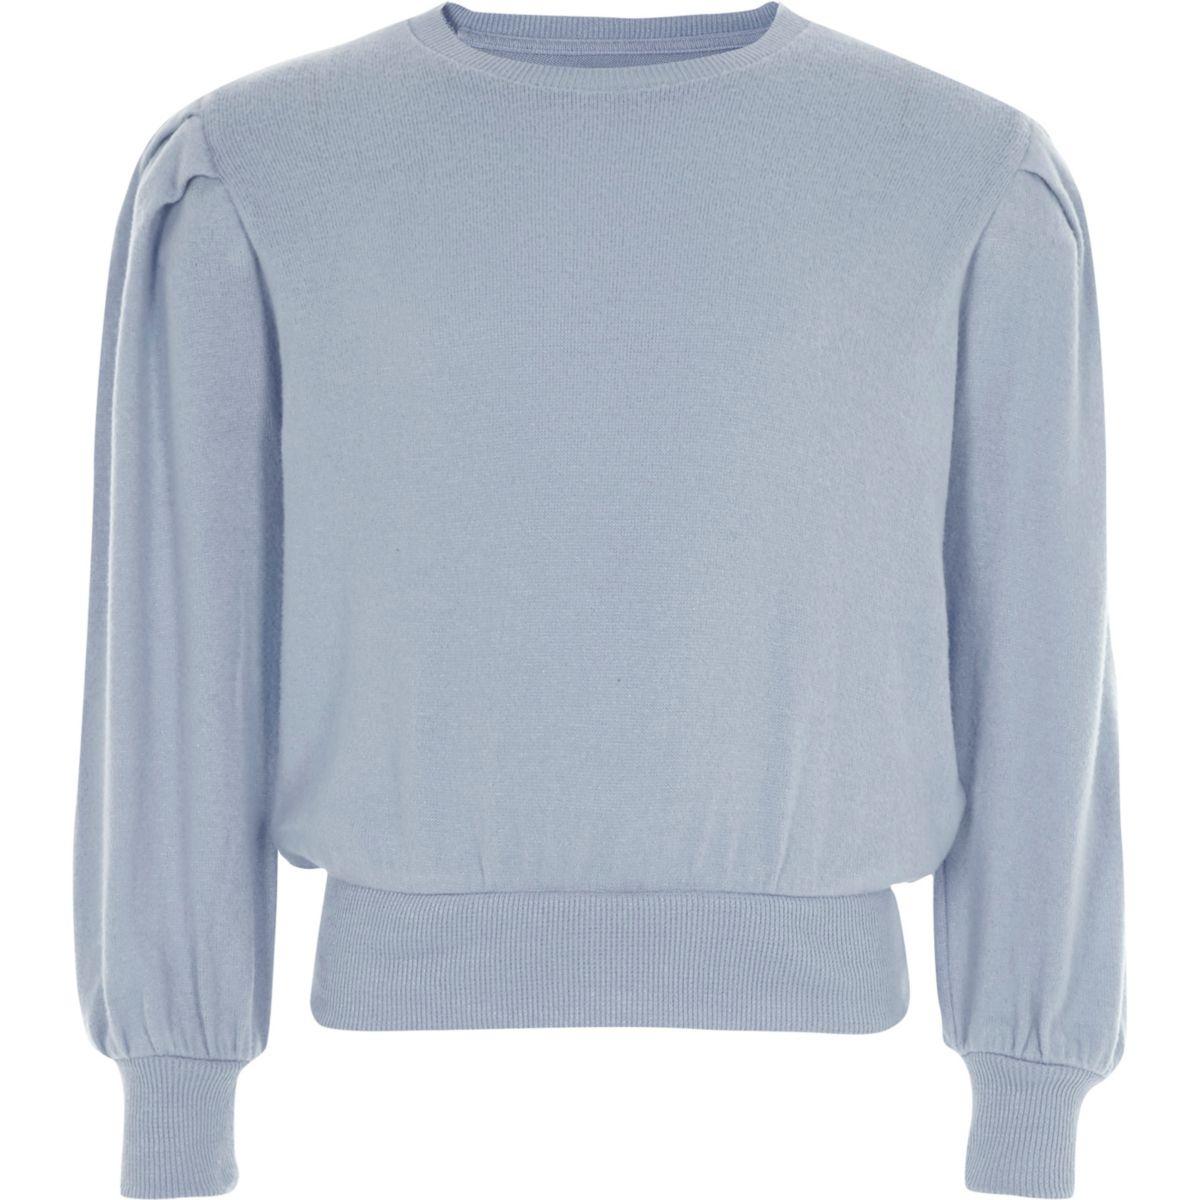 Girls light blue puff long sleeve sweater